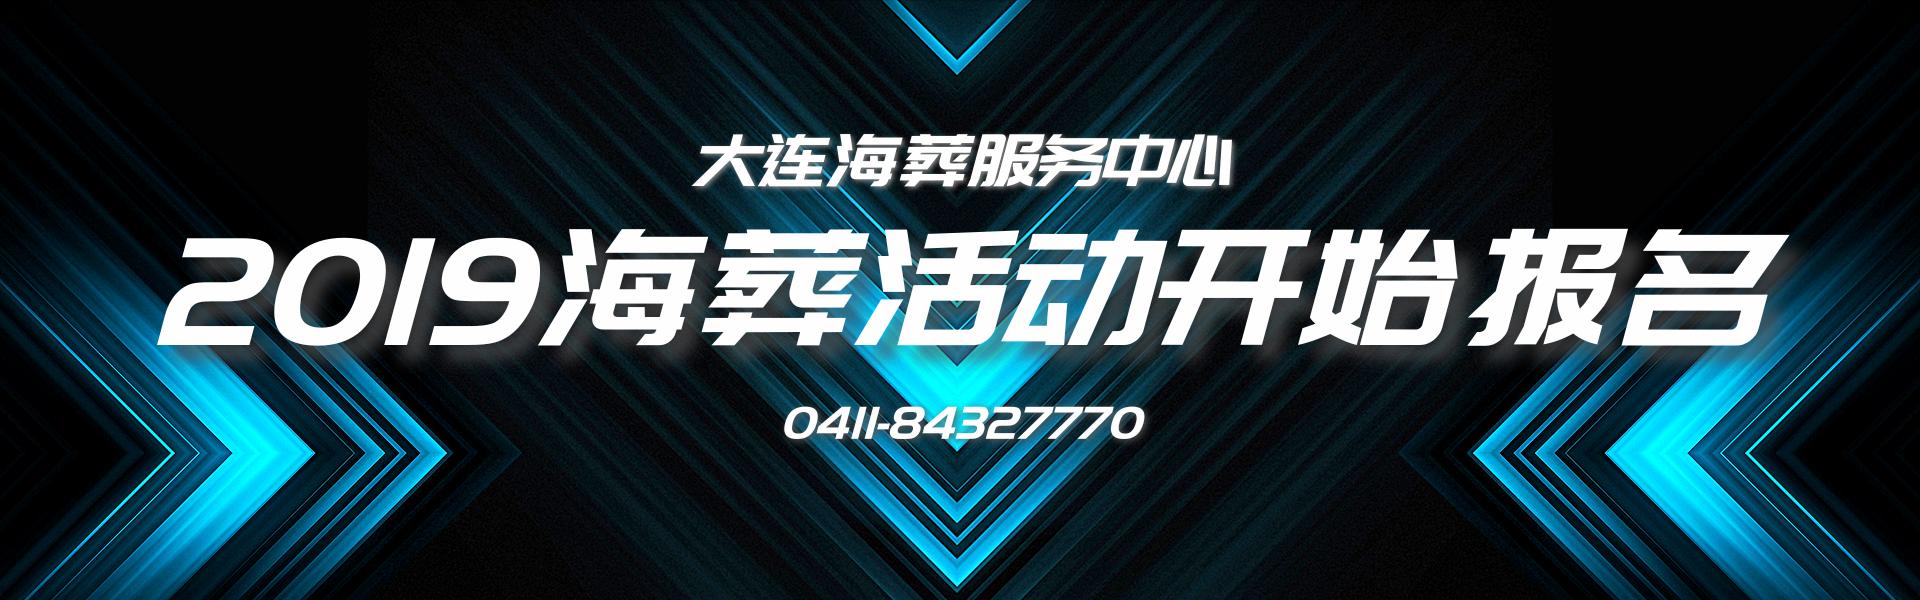 企业双12活动宣传@凡科快图[kt.fkw.com].png